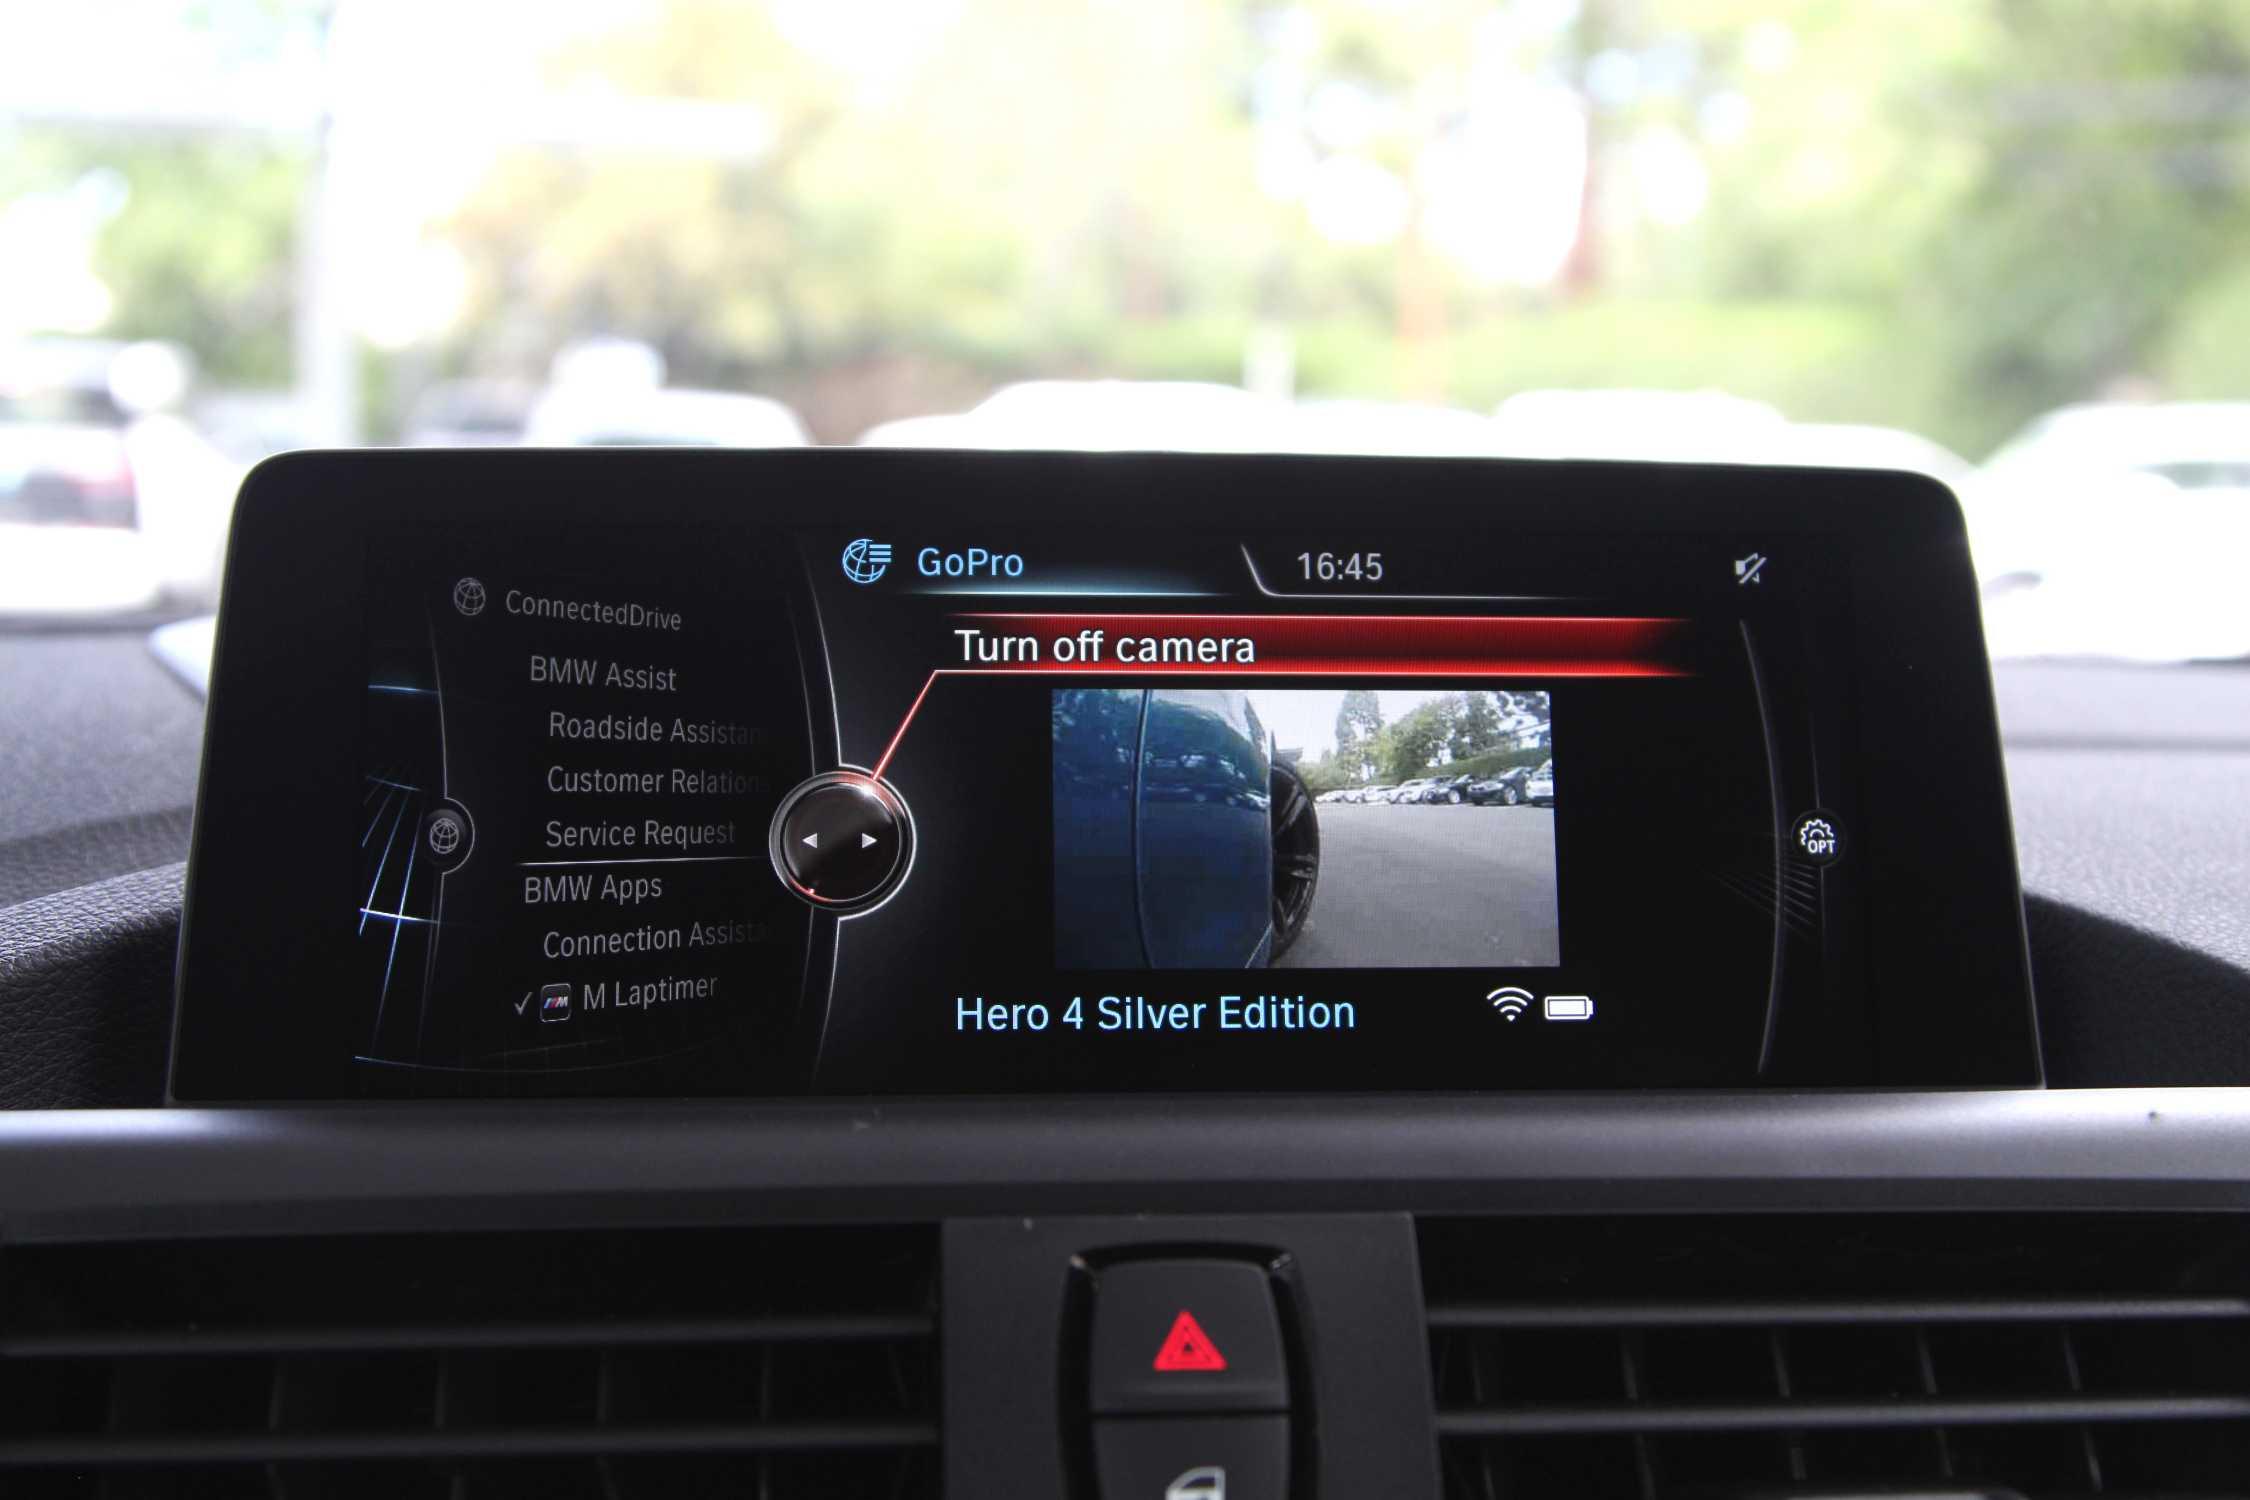 GoPro Integration for BMW M Laptimer App